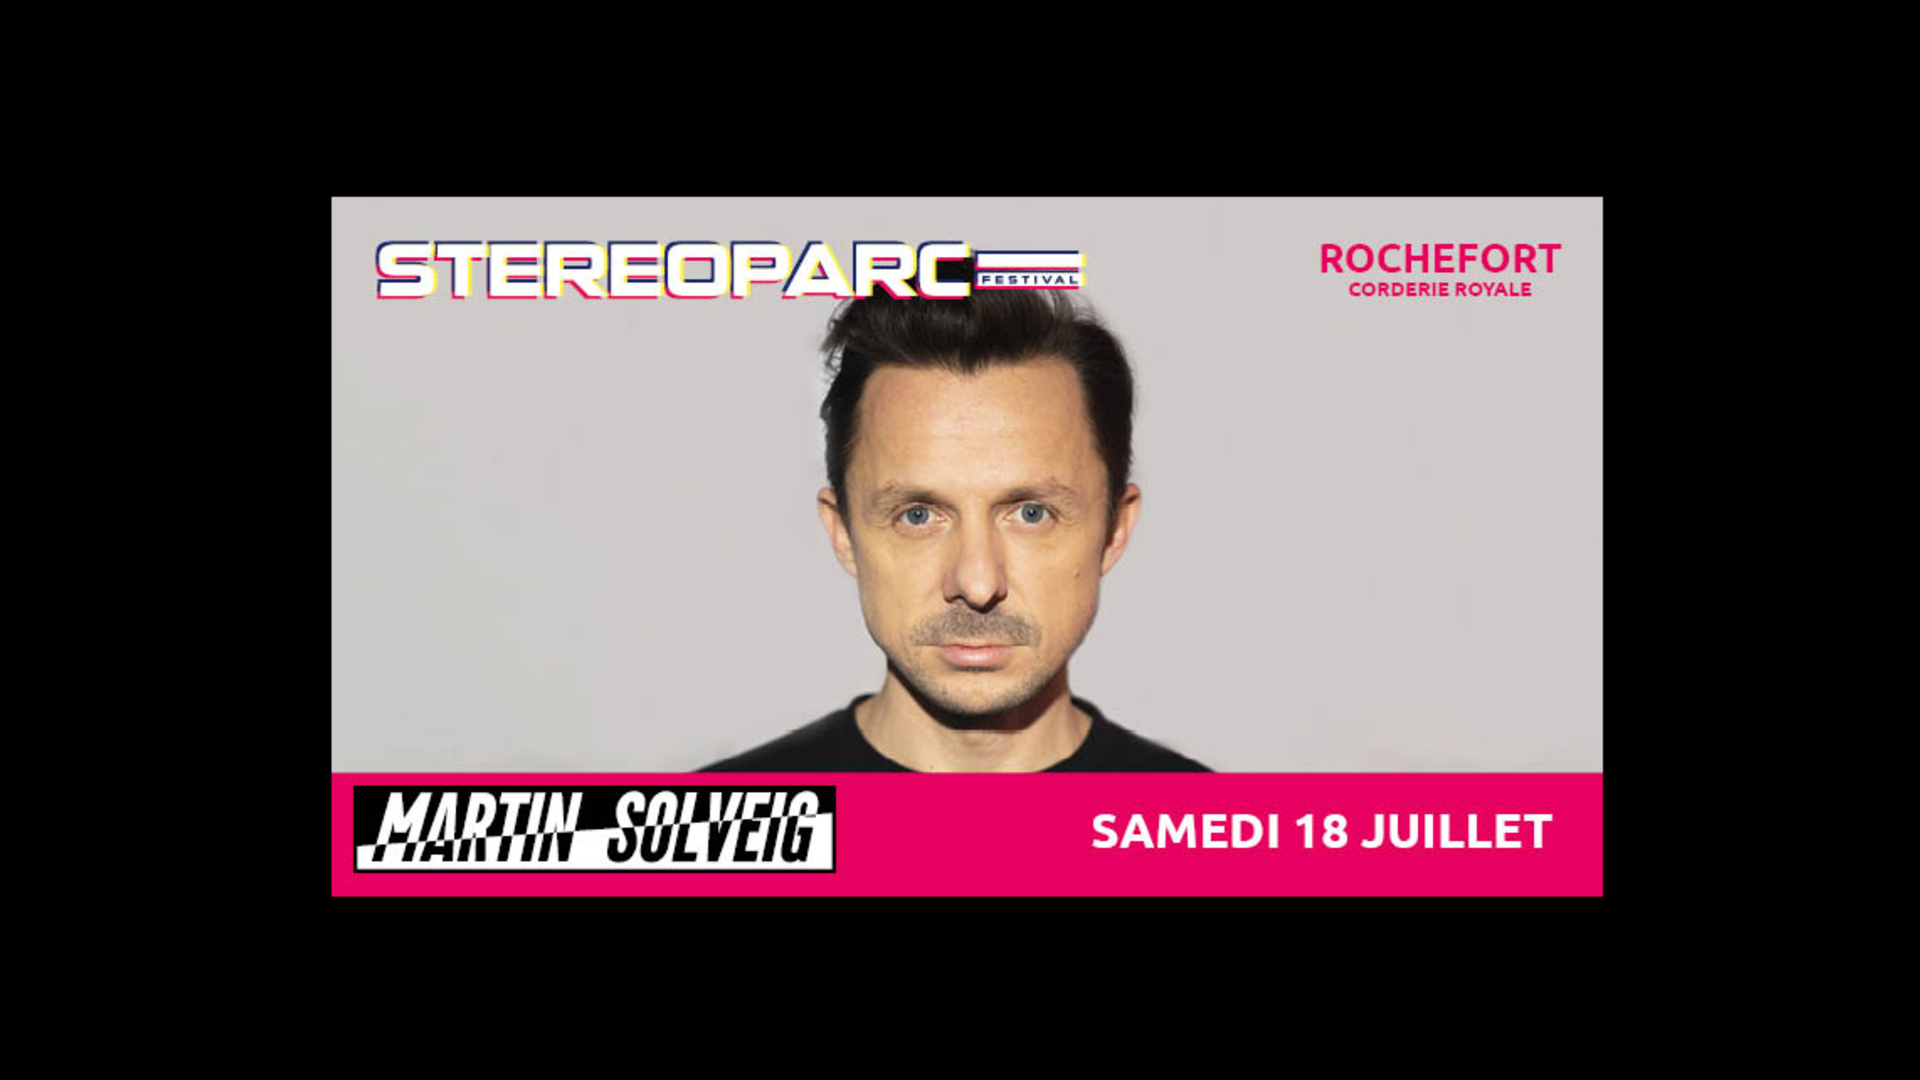 Martin Solveig DJ international à Rochefort le samedi 18 juillet 2020